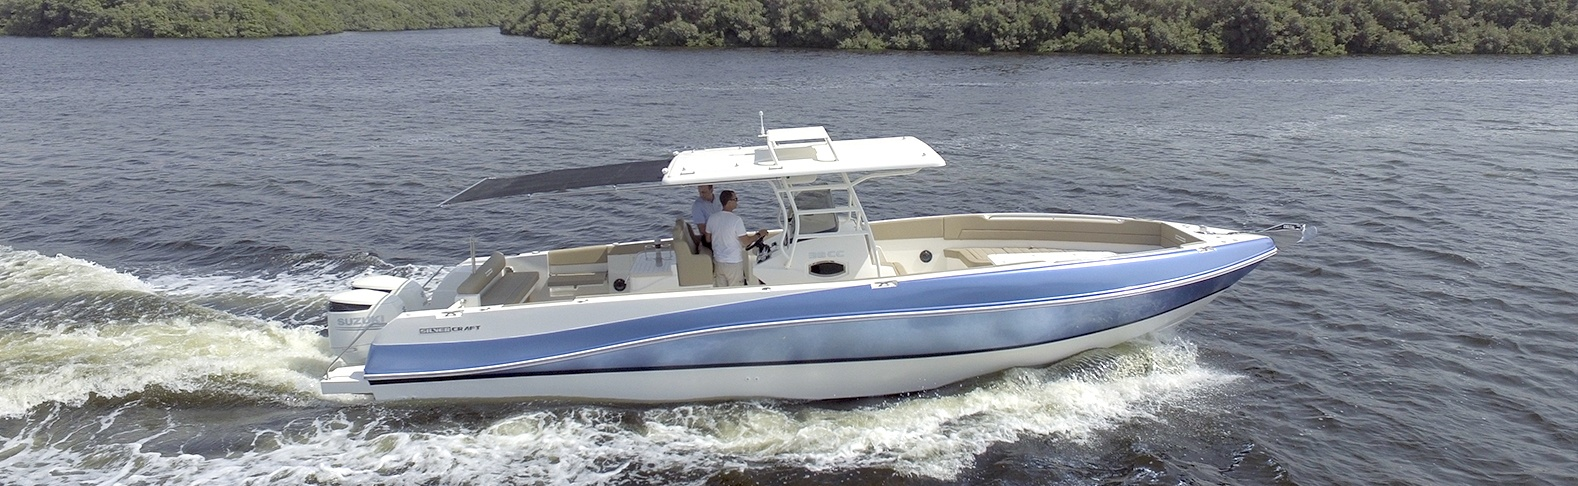 Silvercraft-36-CC